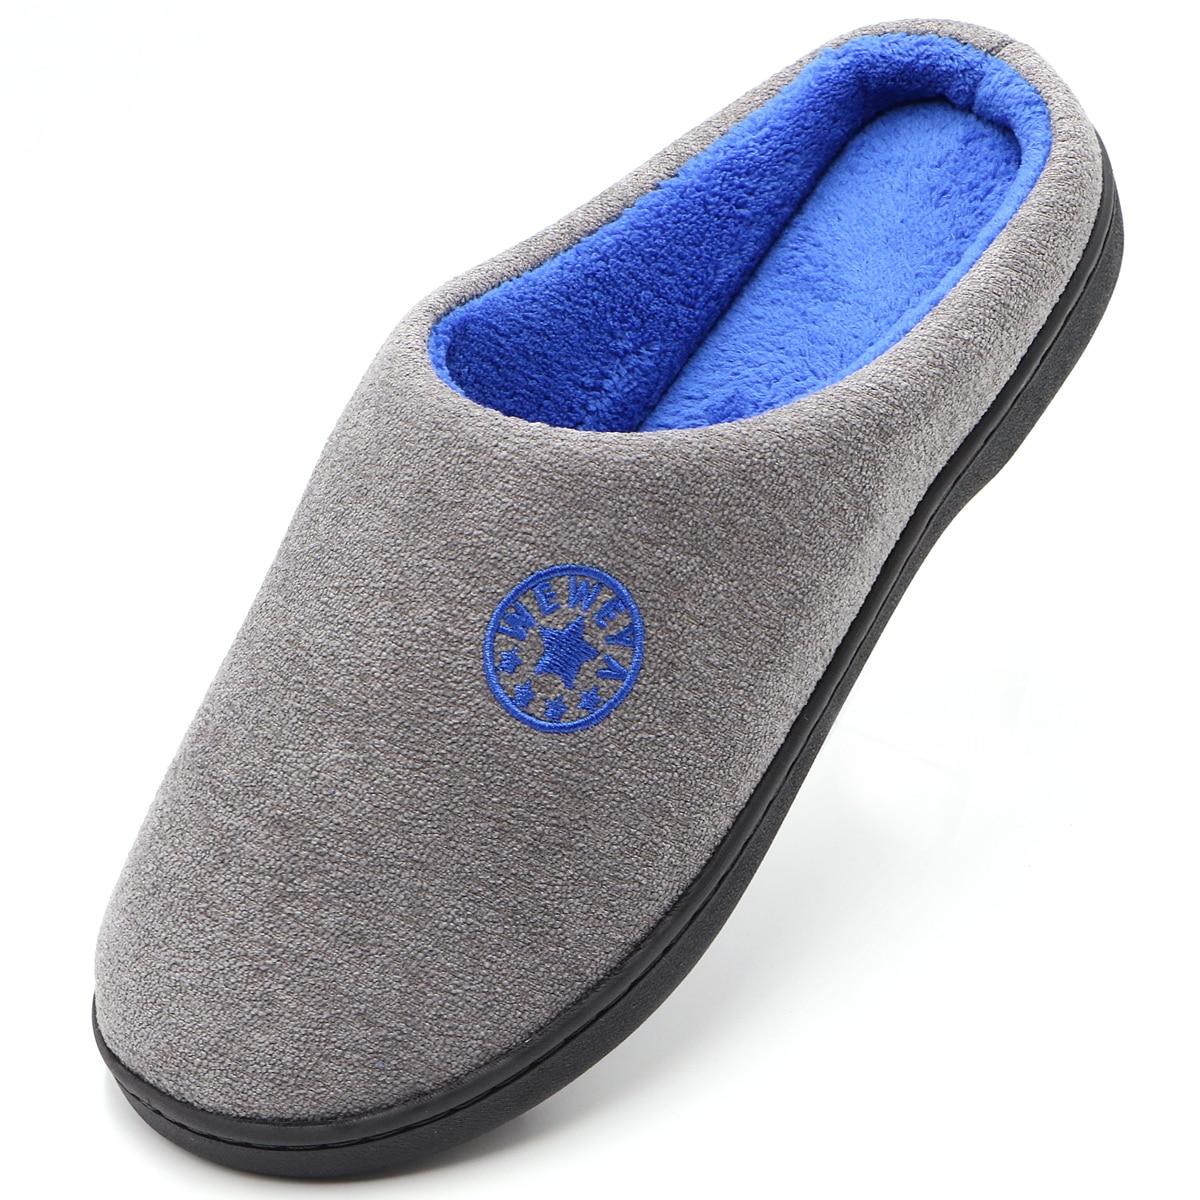 Shoes Men Slippers Warm Home Indoor Cotton Slippers Soft Men Non Slip Floor Shoes Couple Slides For Bedroom Pantoufles De Coton